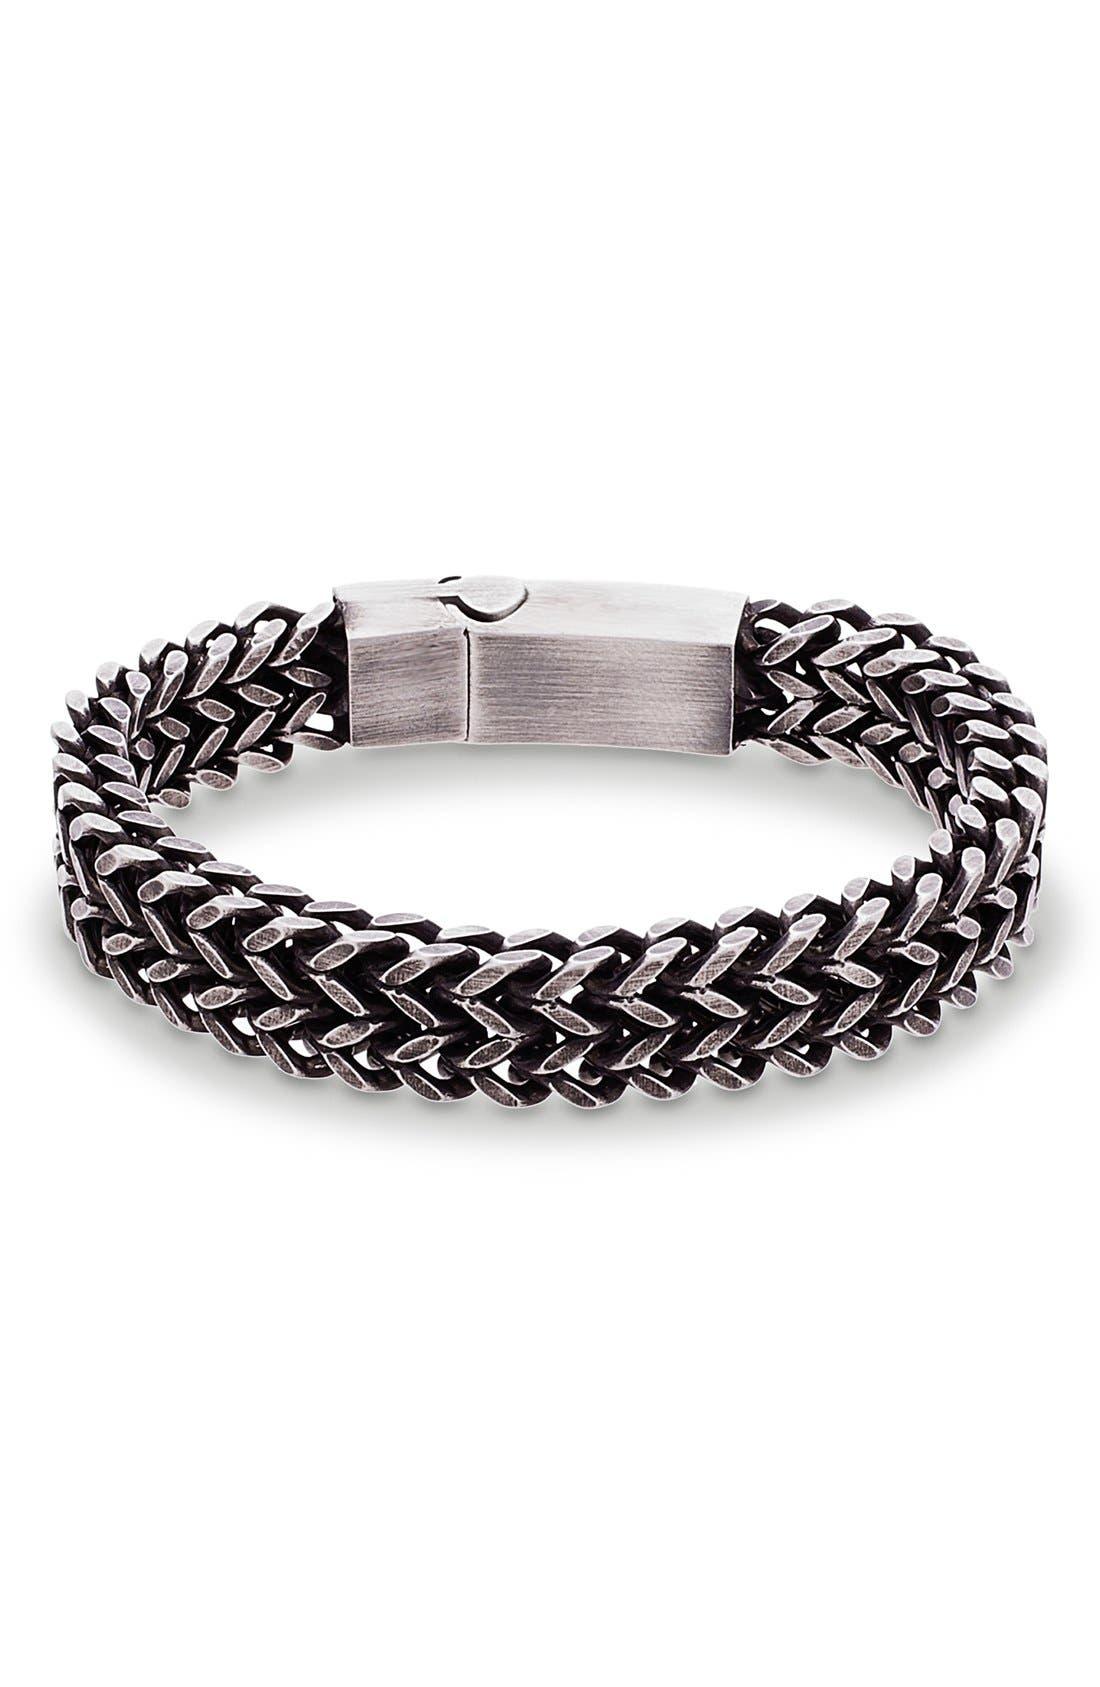 Alternate Image 1 Selected - Steve Madden Double Franco Chain Bracelet